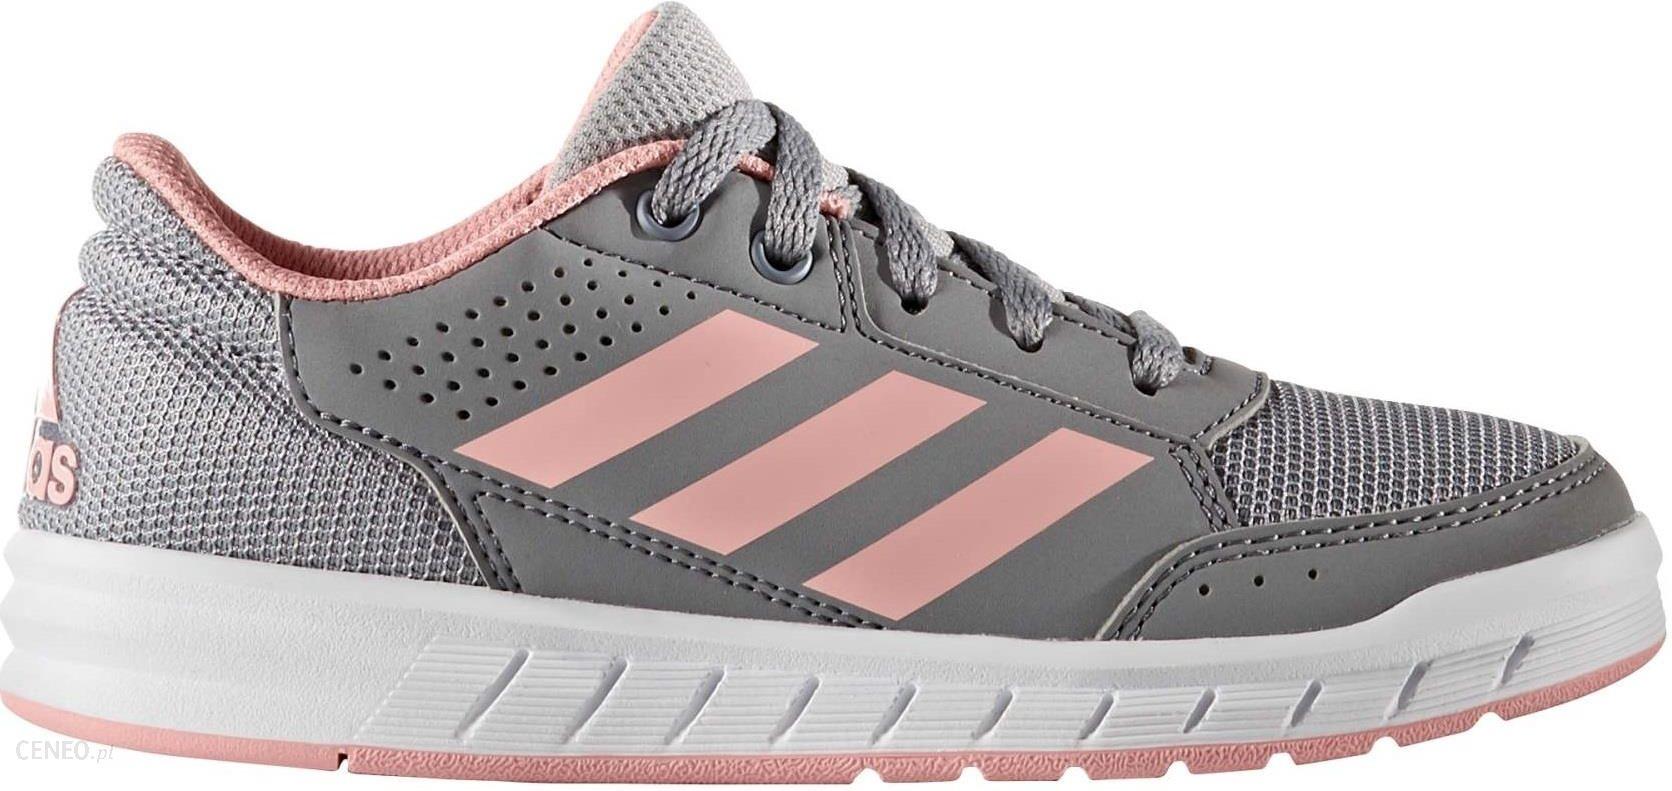 Buty dla dzieci adidas AltaRun CF K BB6396 Cena, Opinie